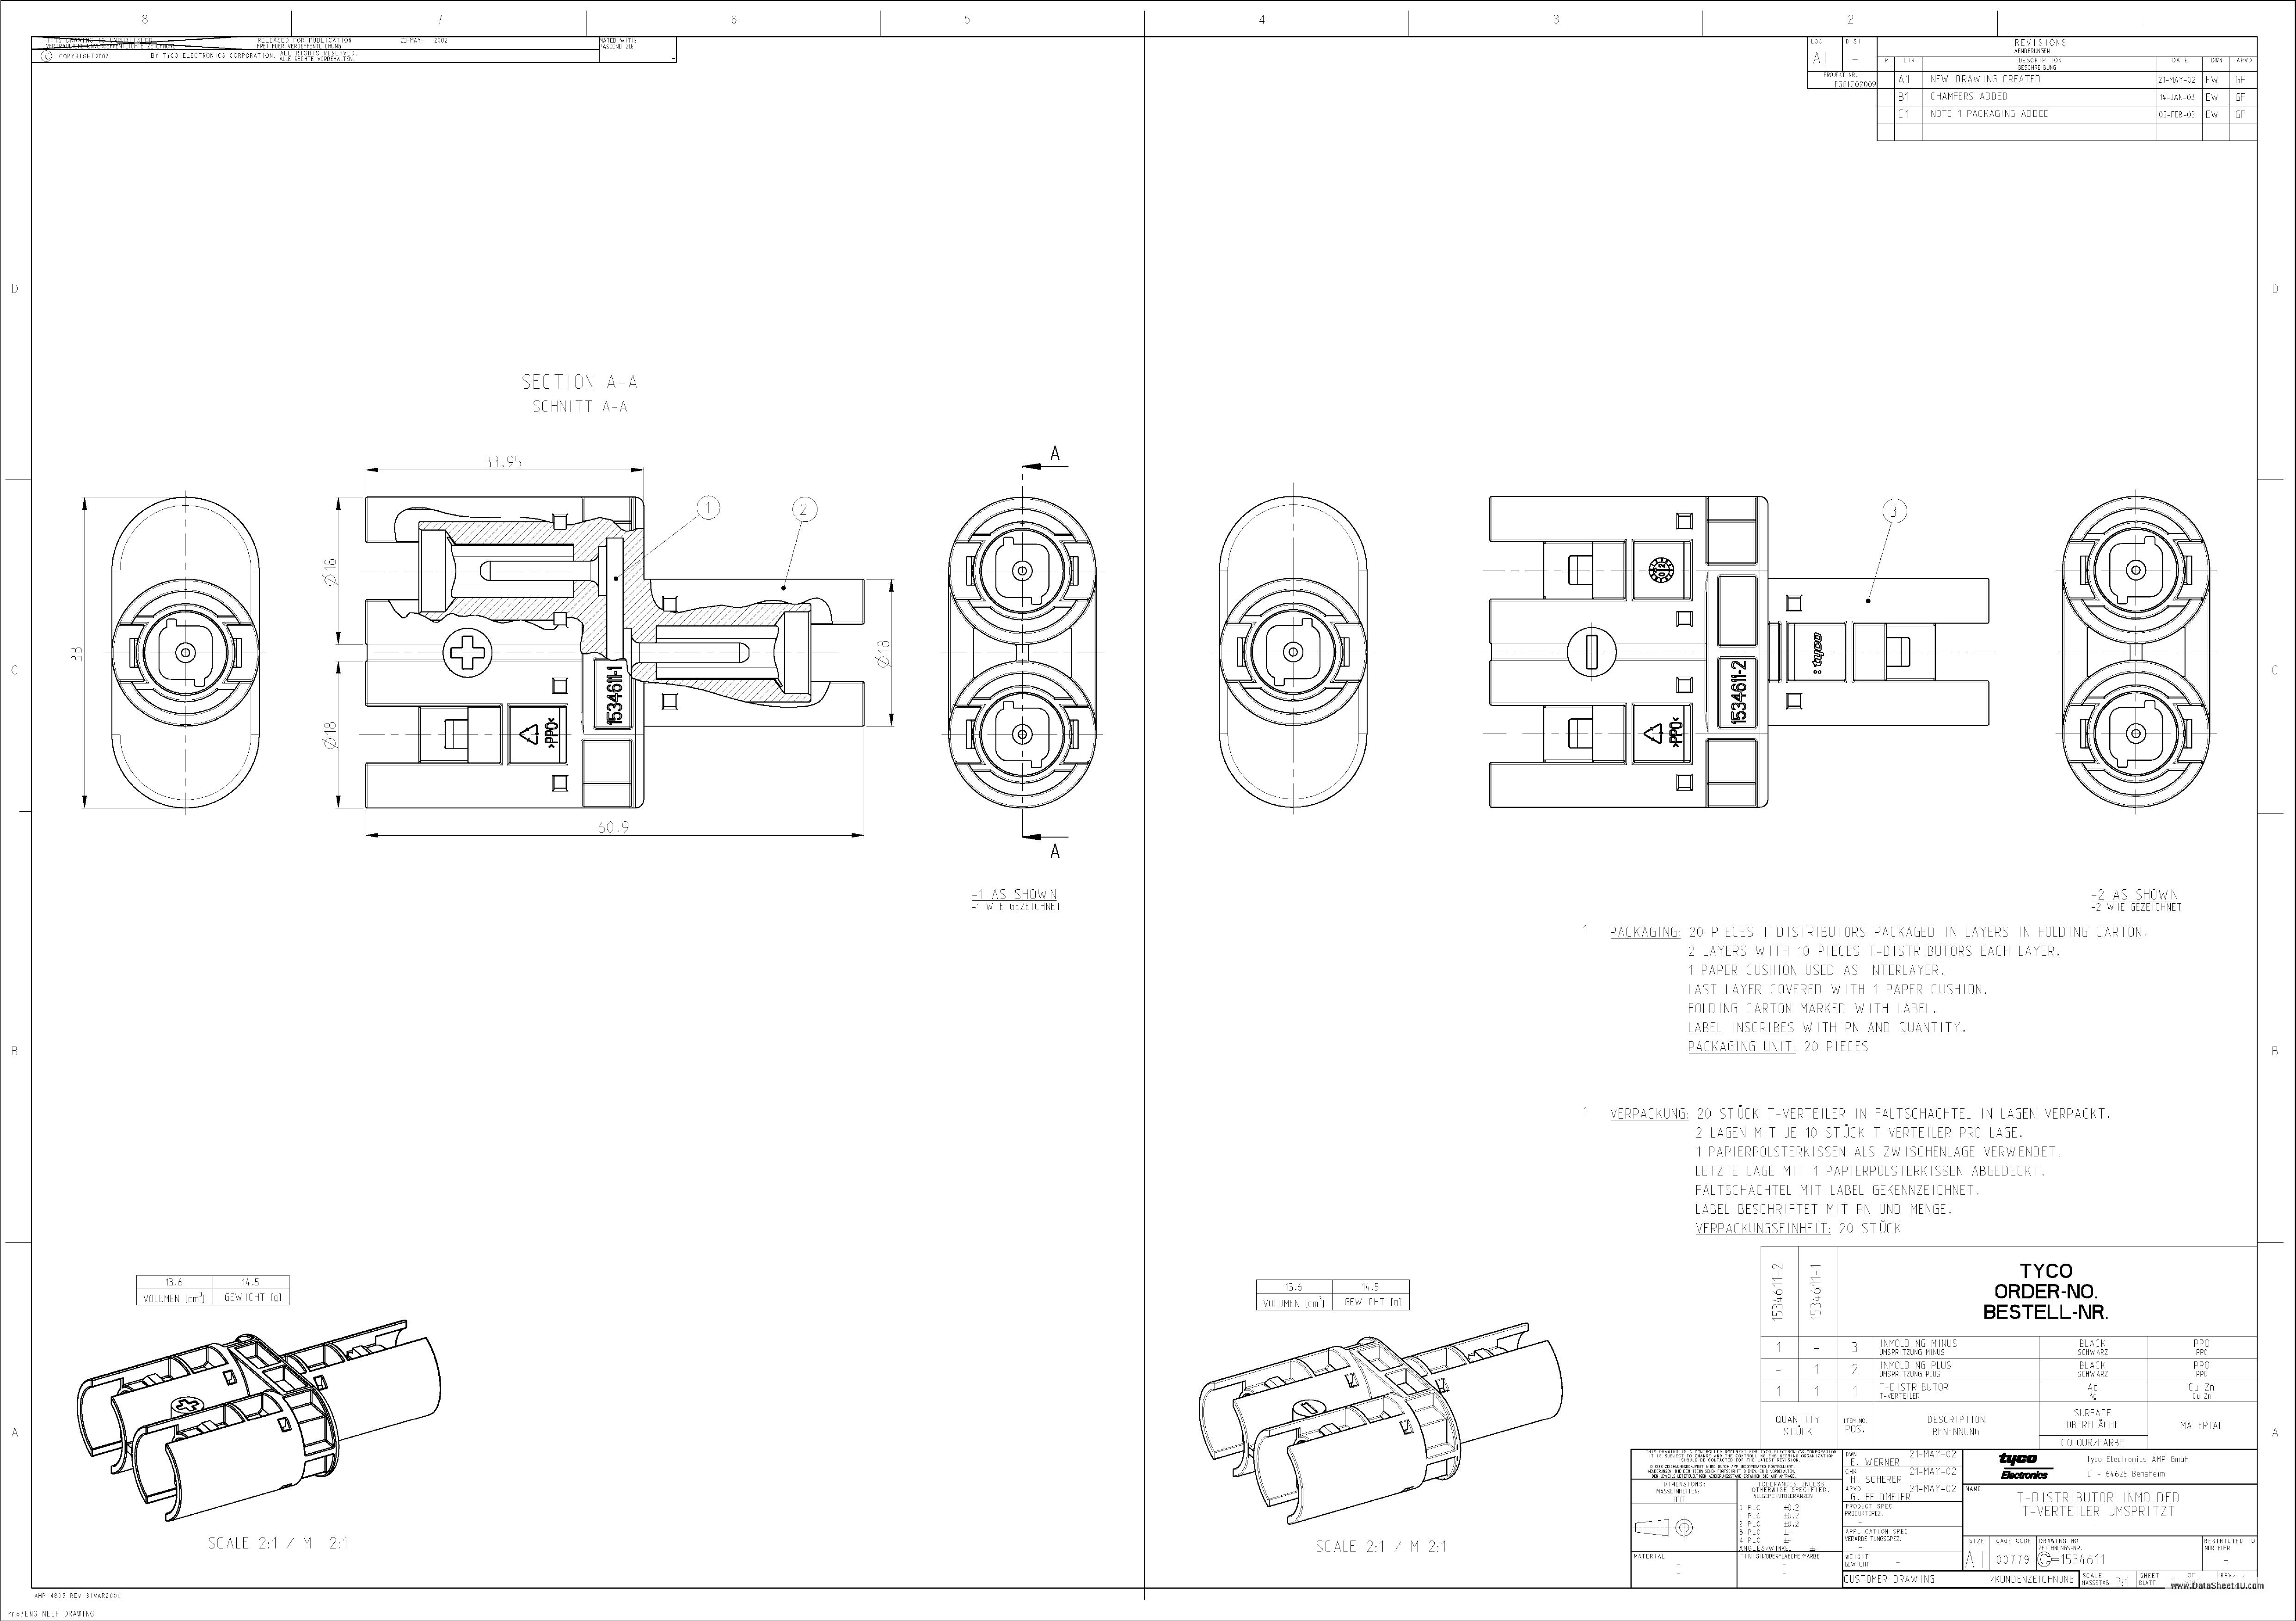 C-1534611 datasheet